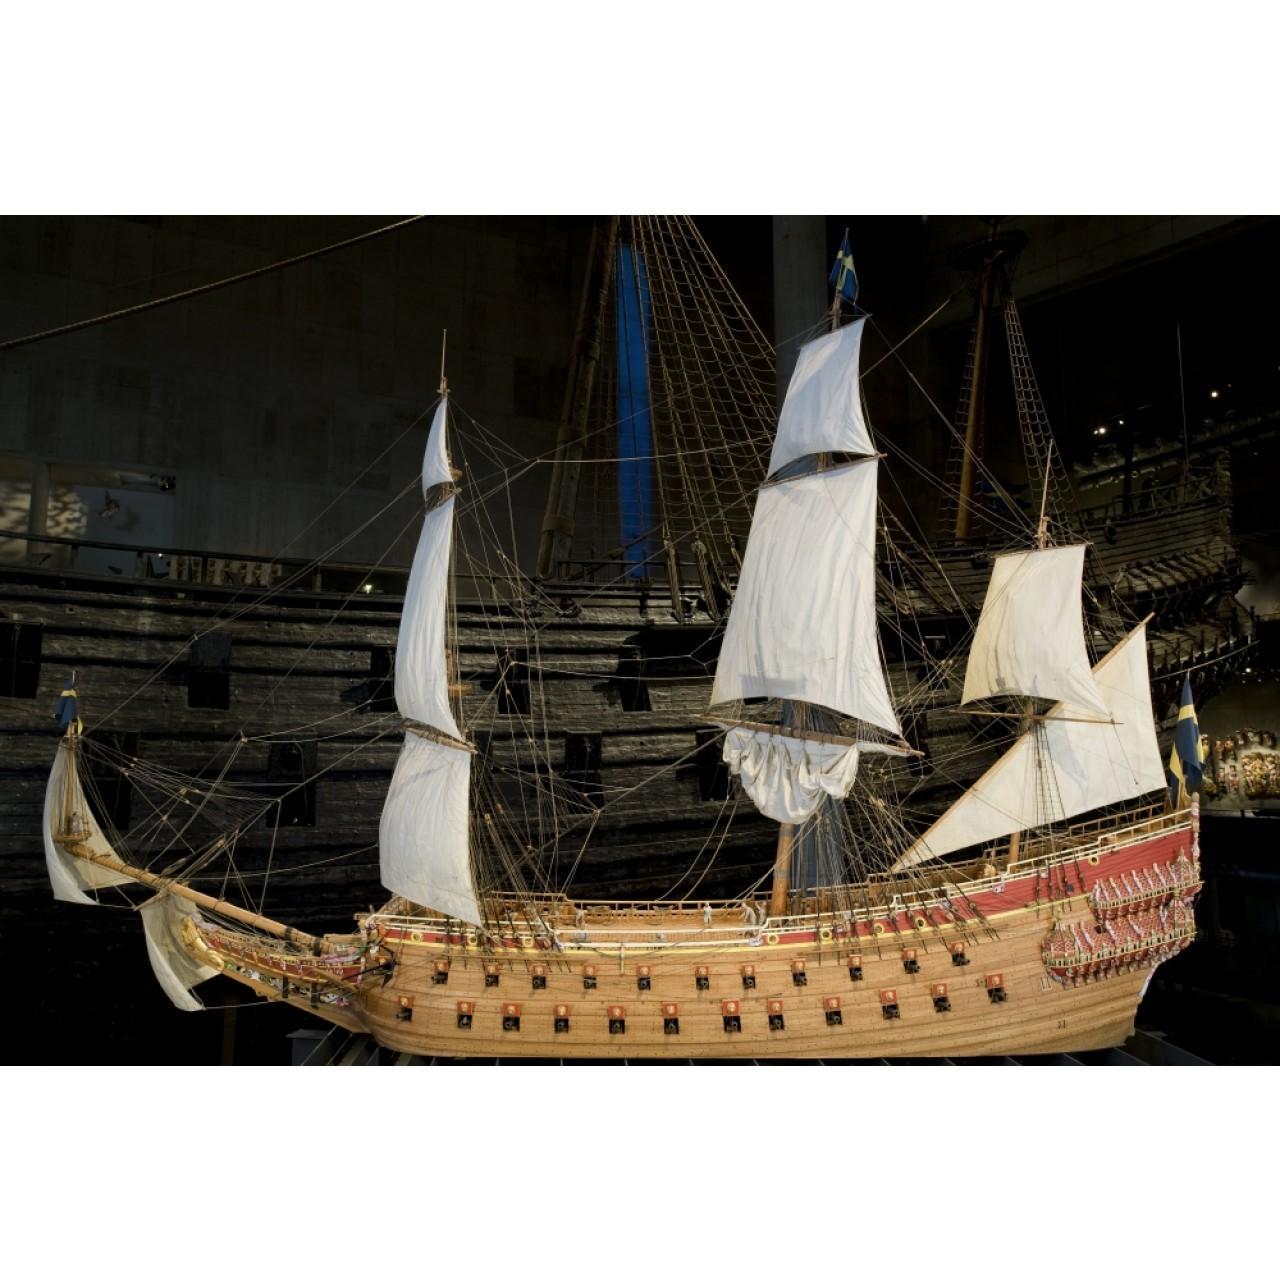 Le Vasa à l'échelle 1/65 Fo183451_002dig_2_1_1